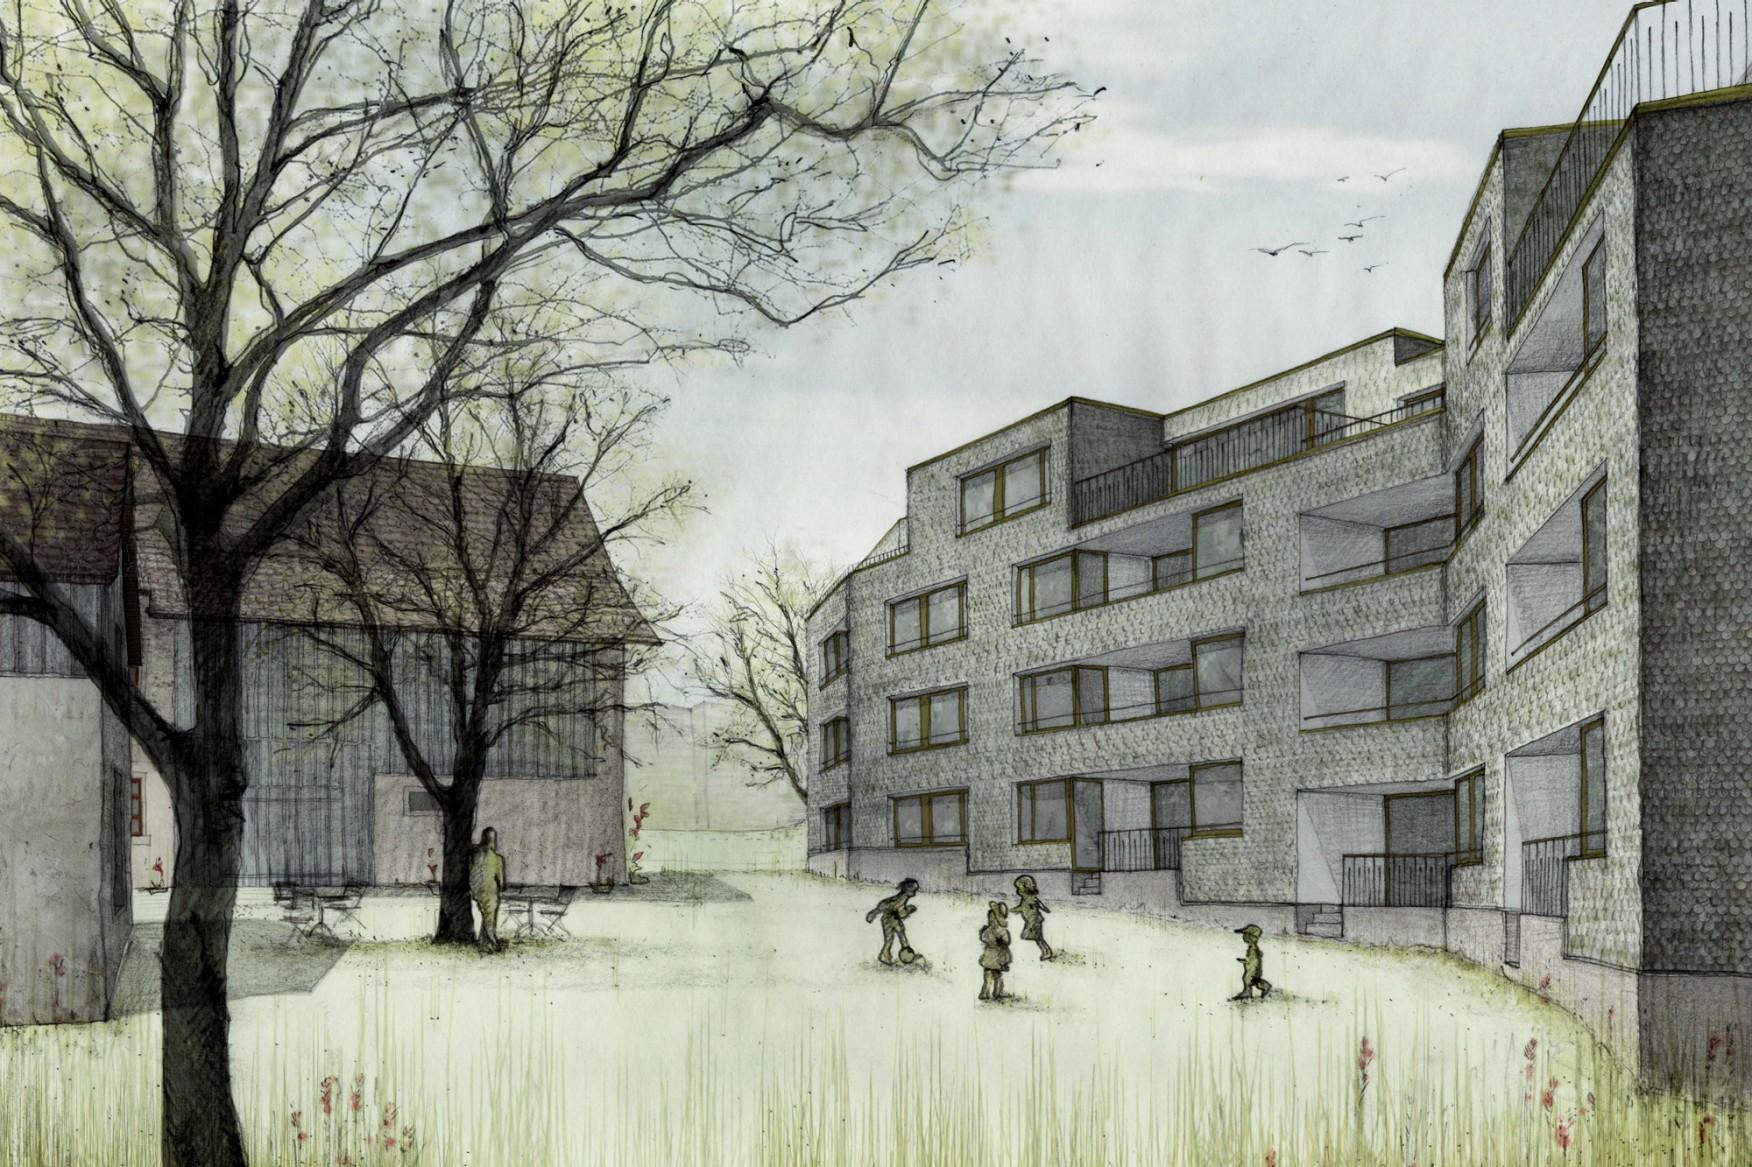 Neubau Wohnhäuser Schneebeliweg Zürich-Altstetten Haltmeier Kister Architektur FRIDOLIN